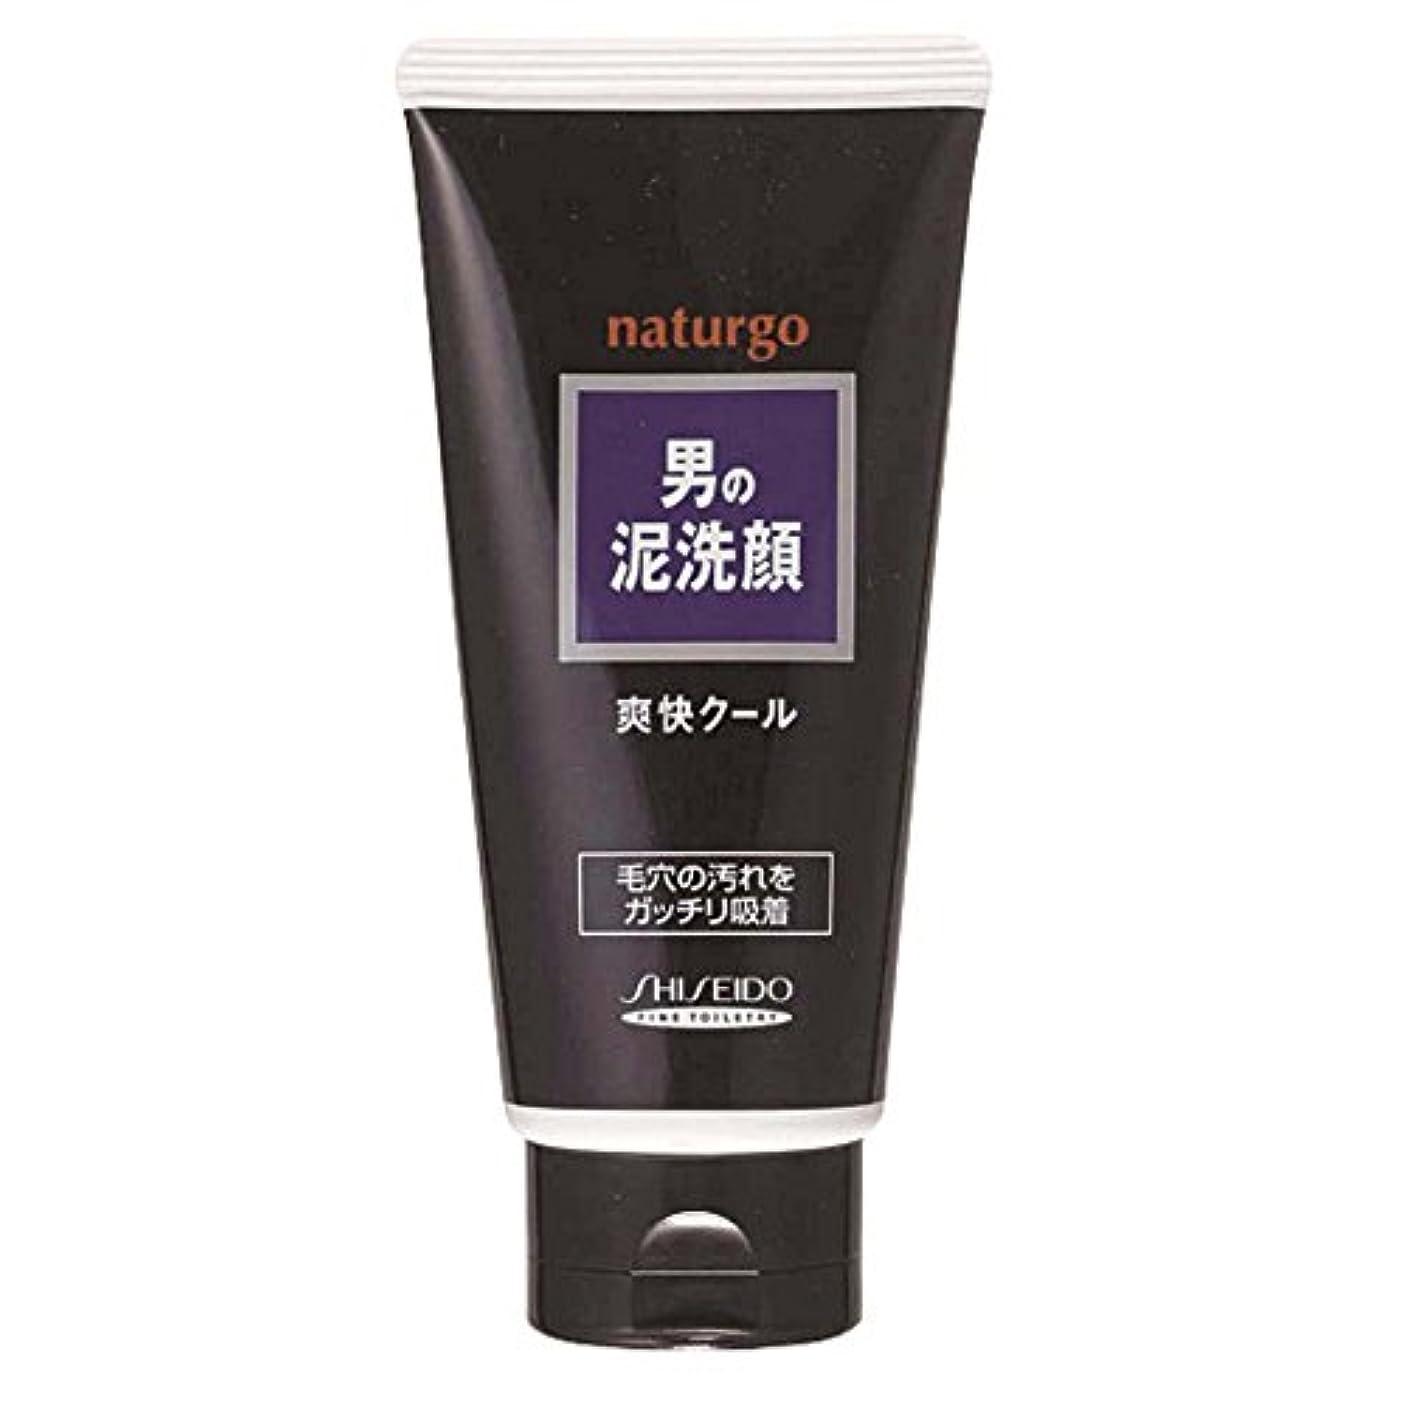 植物のヘクタールクリエイティブナチュルゴ メンズクレイ洗顔フォーム黒 130g